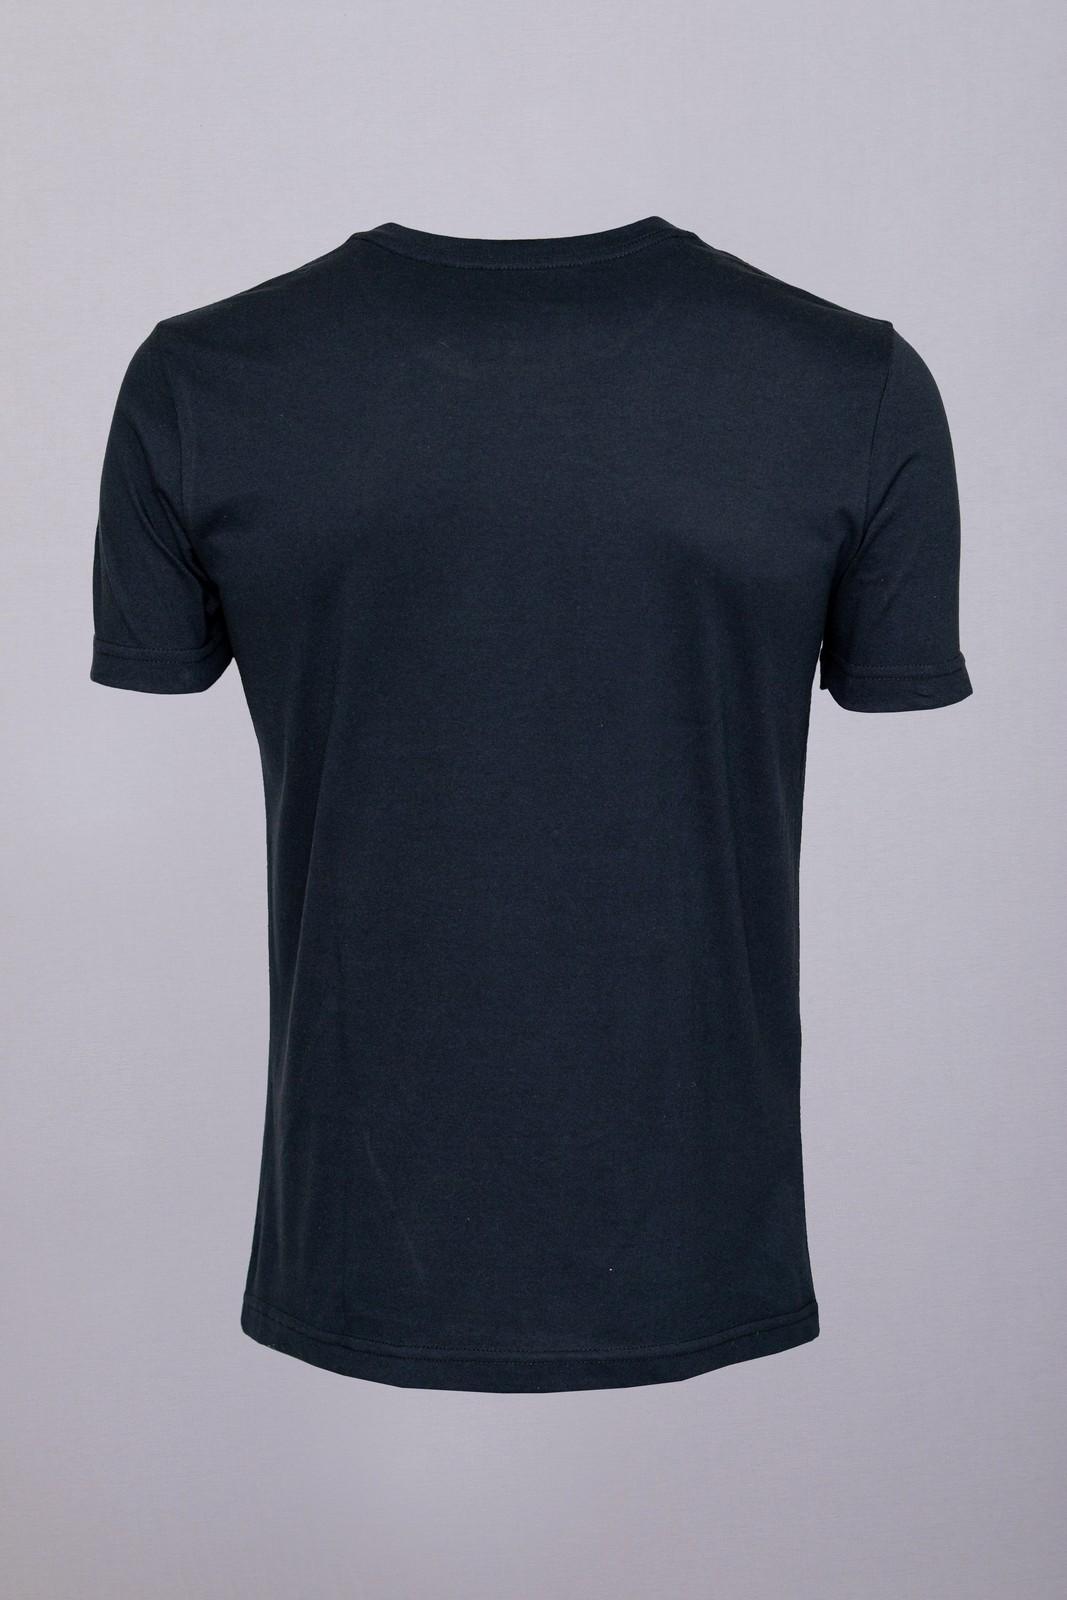 Camiseta CoolWave Through Of The Mirror Preta